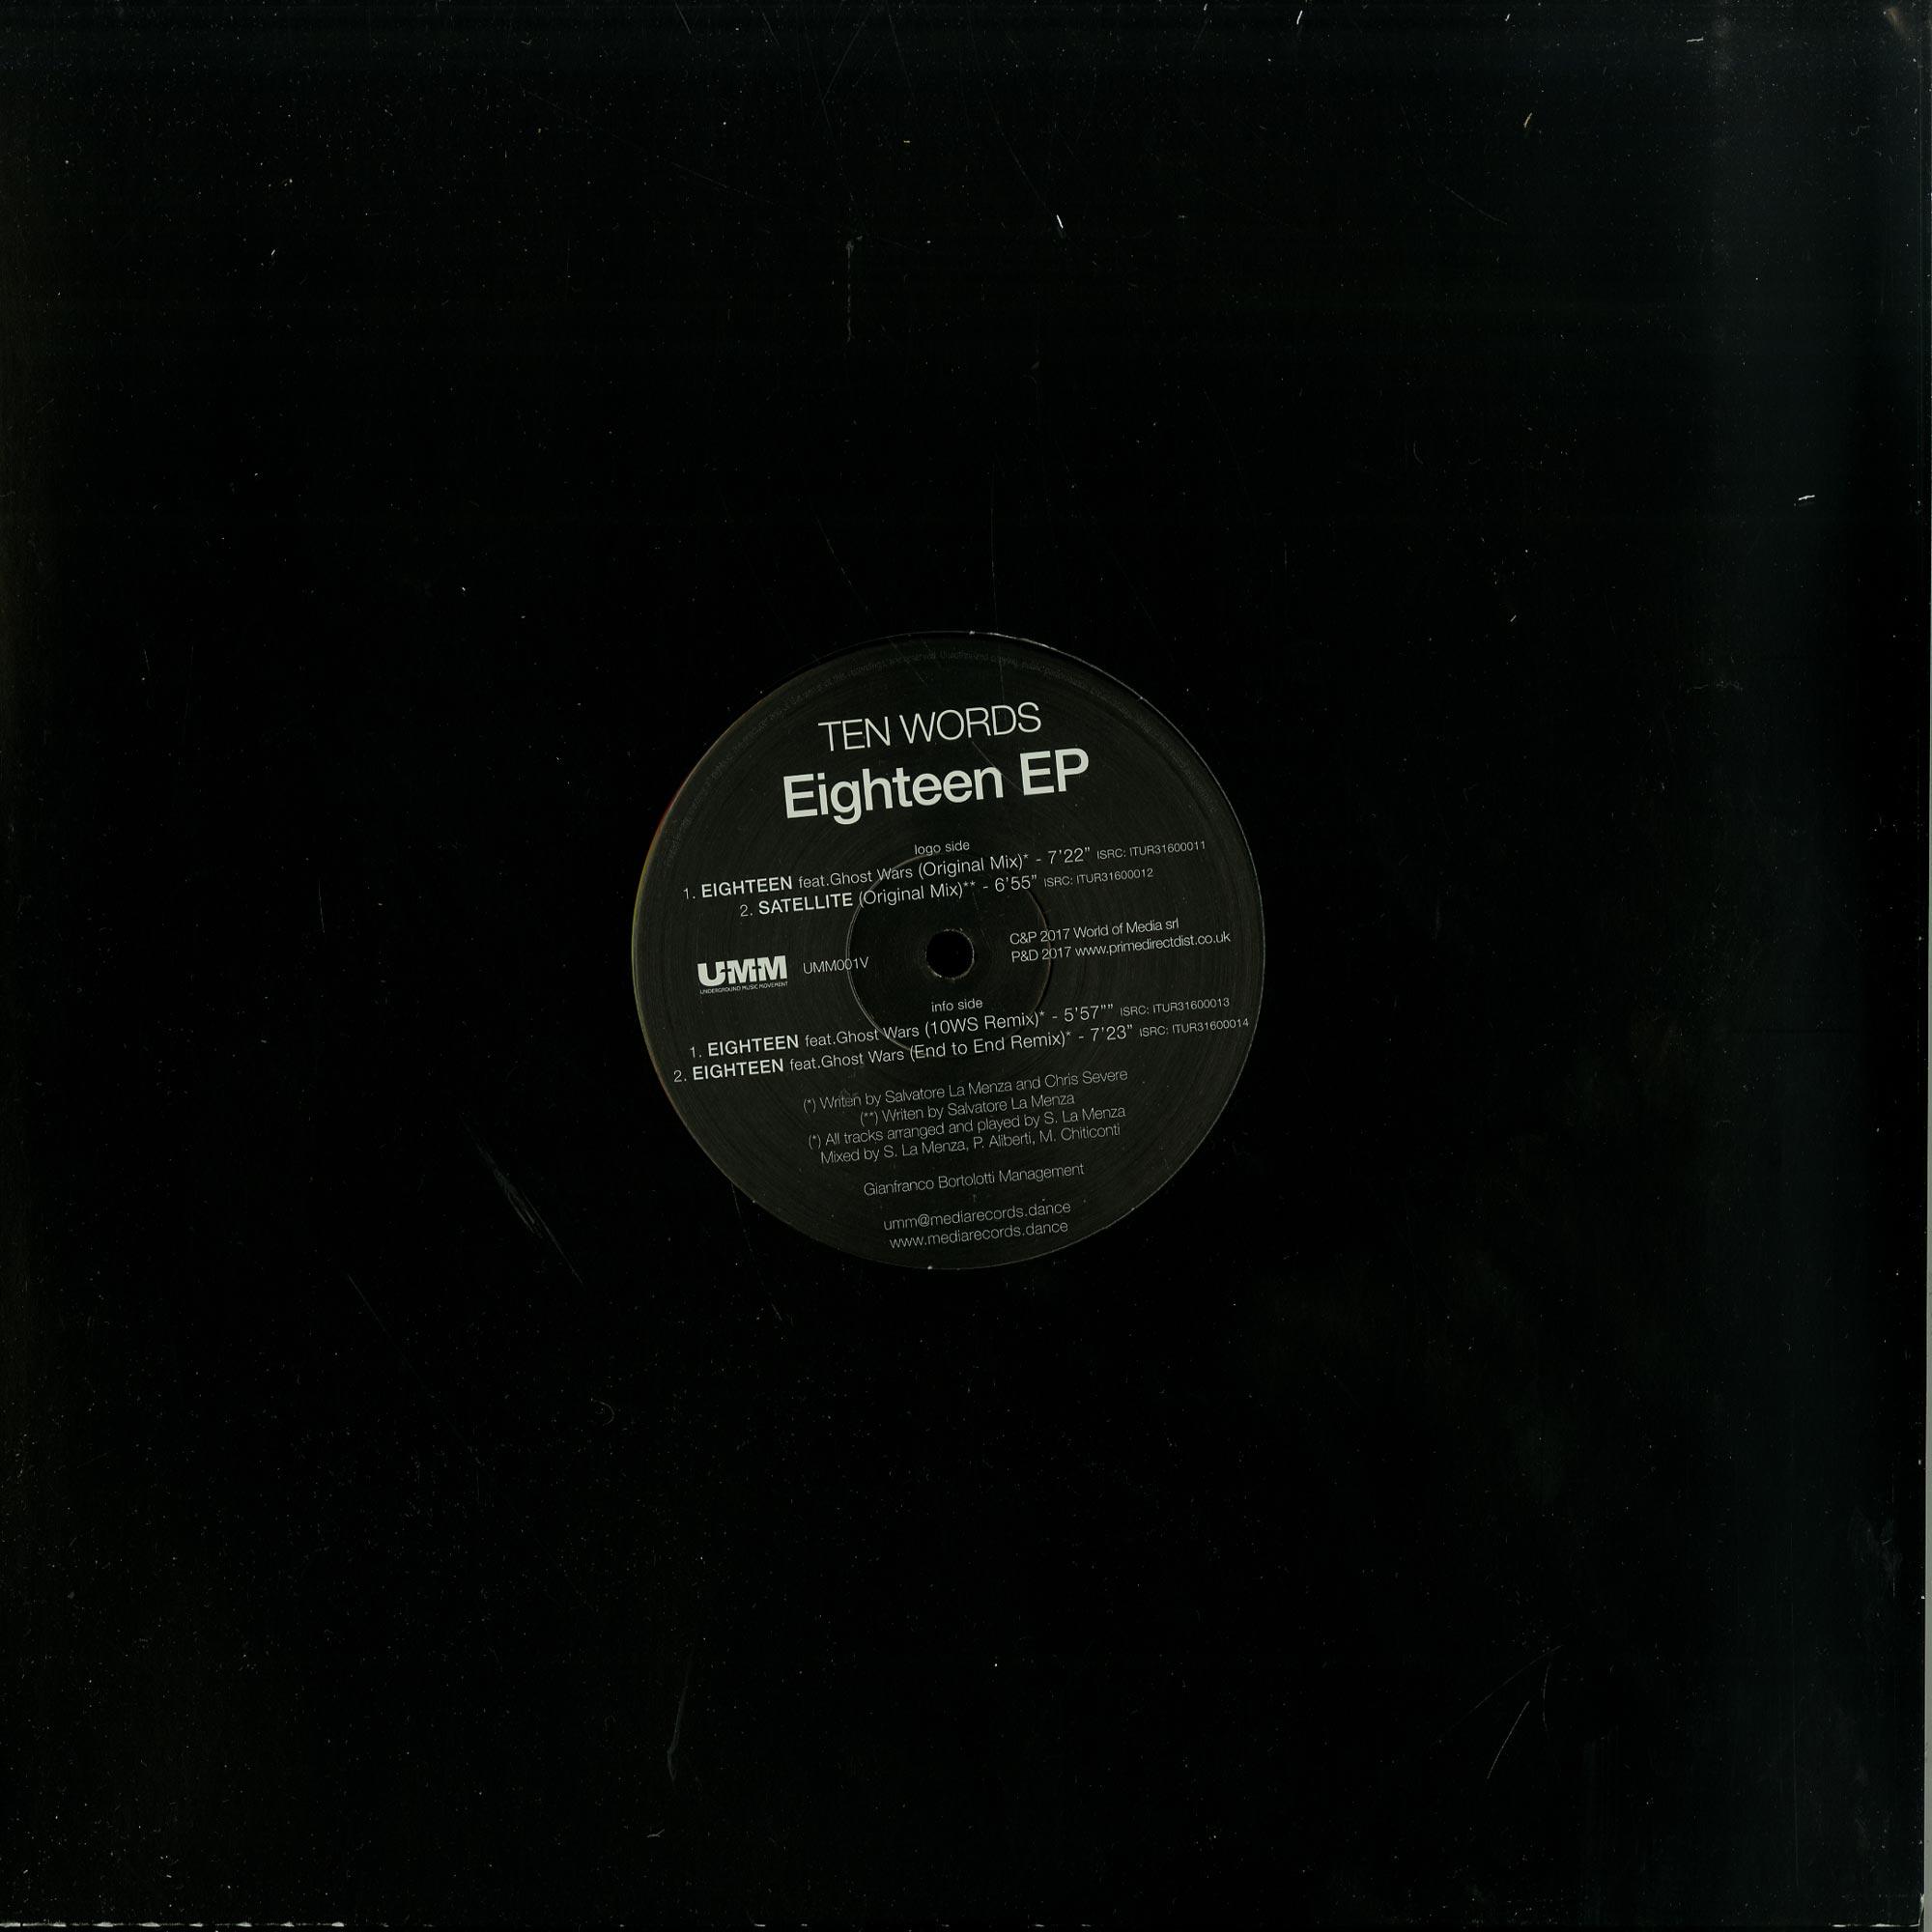 Ten Words - EIGHTEEN EP